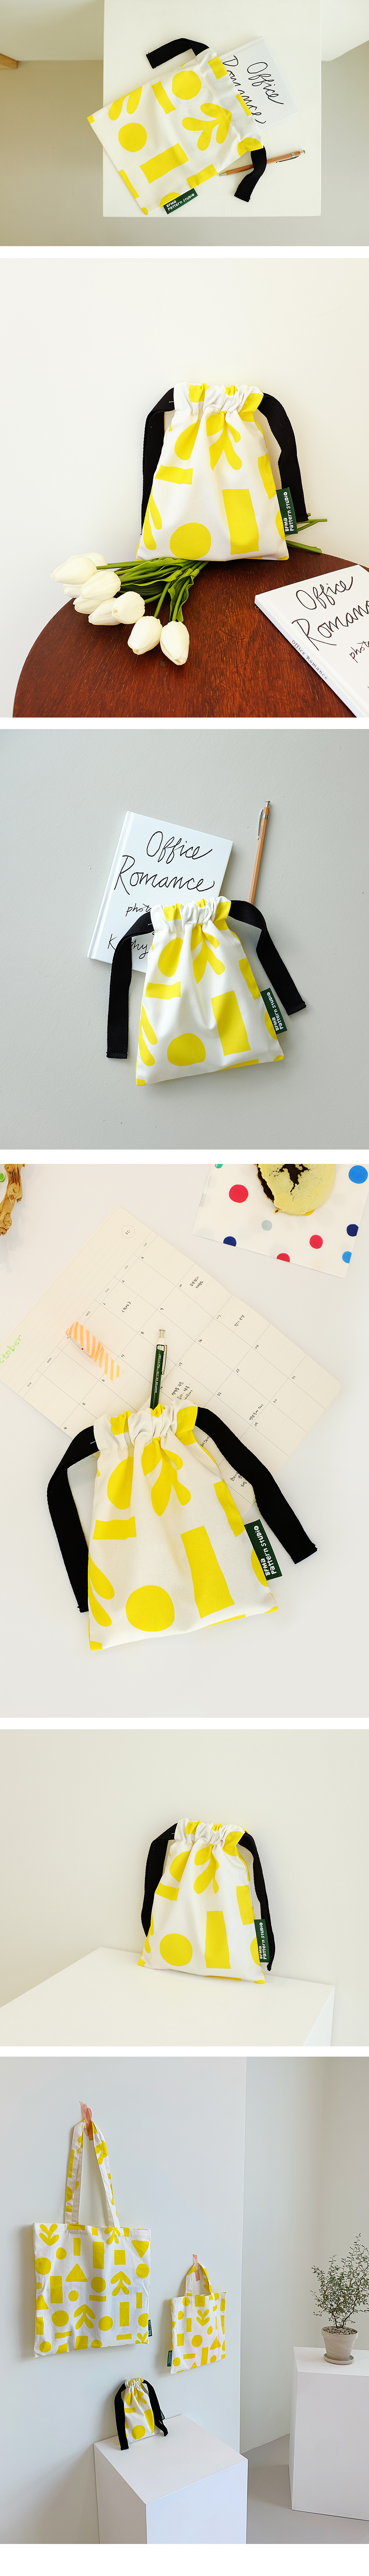 KEEERI x BFMA 의미심장 패턴 스트링 파우치 - 벌룬프렌즈, 8,450원, 캔버스/에코백, 에코백